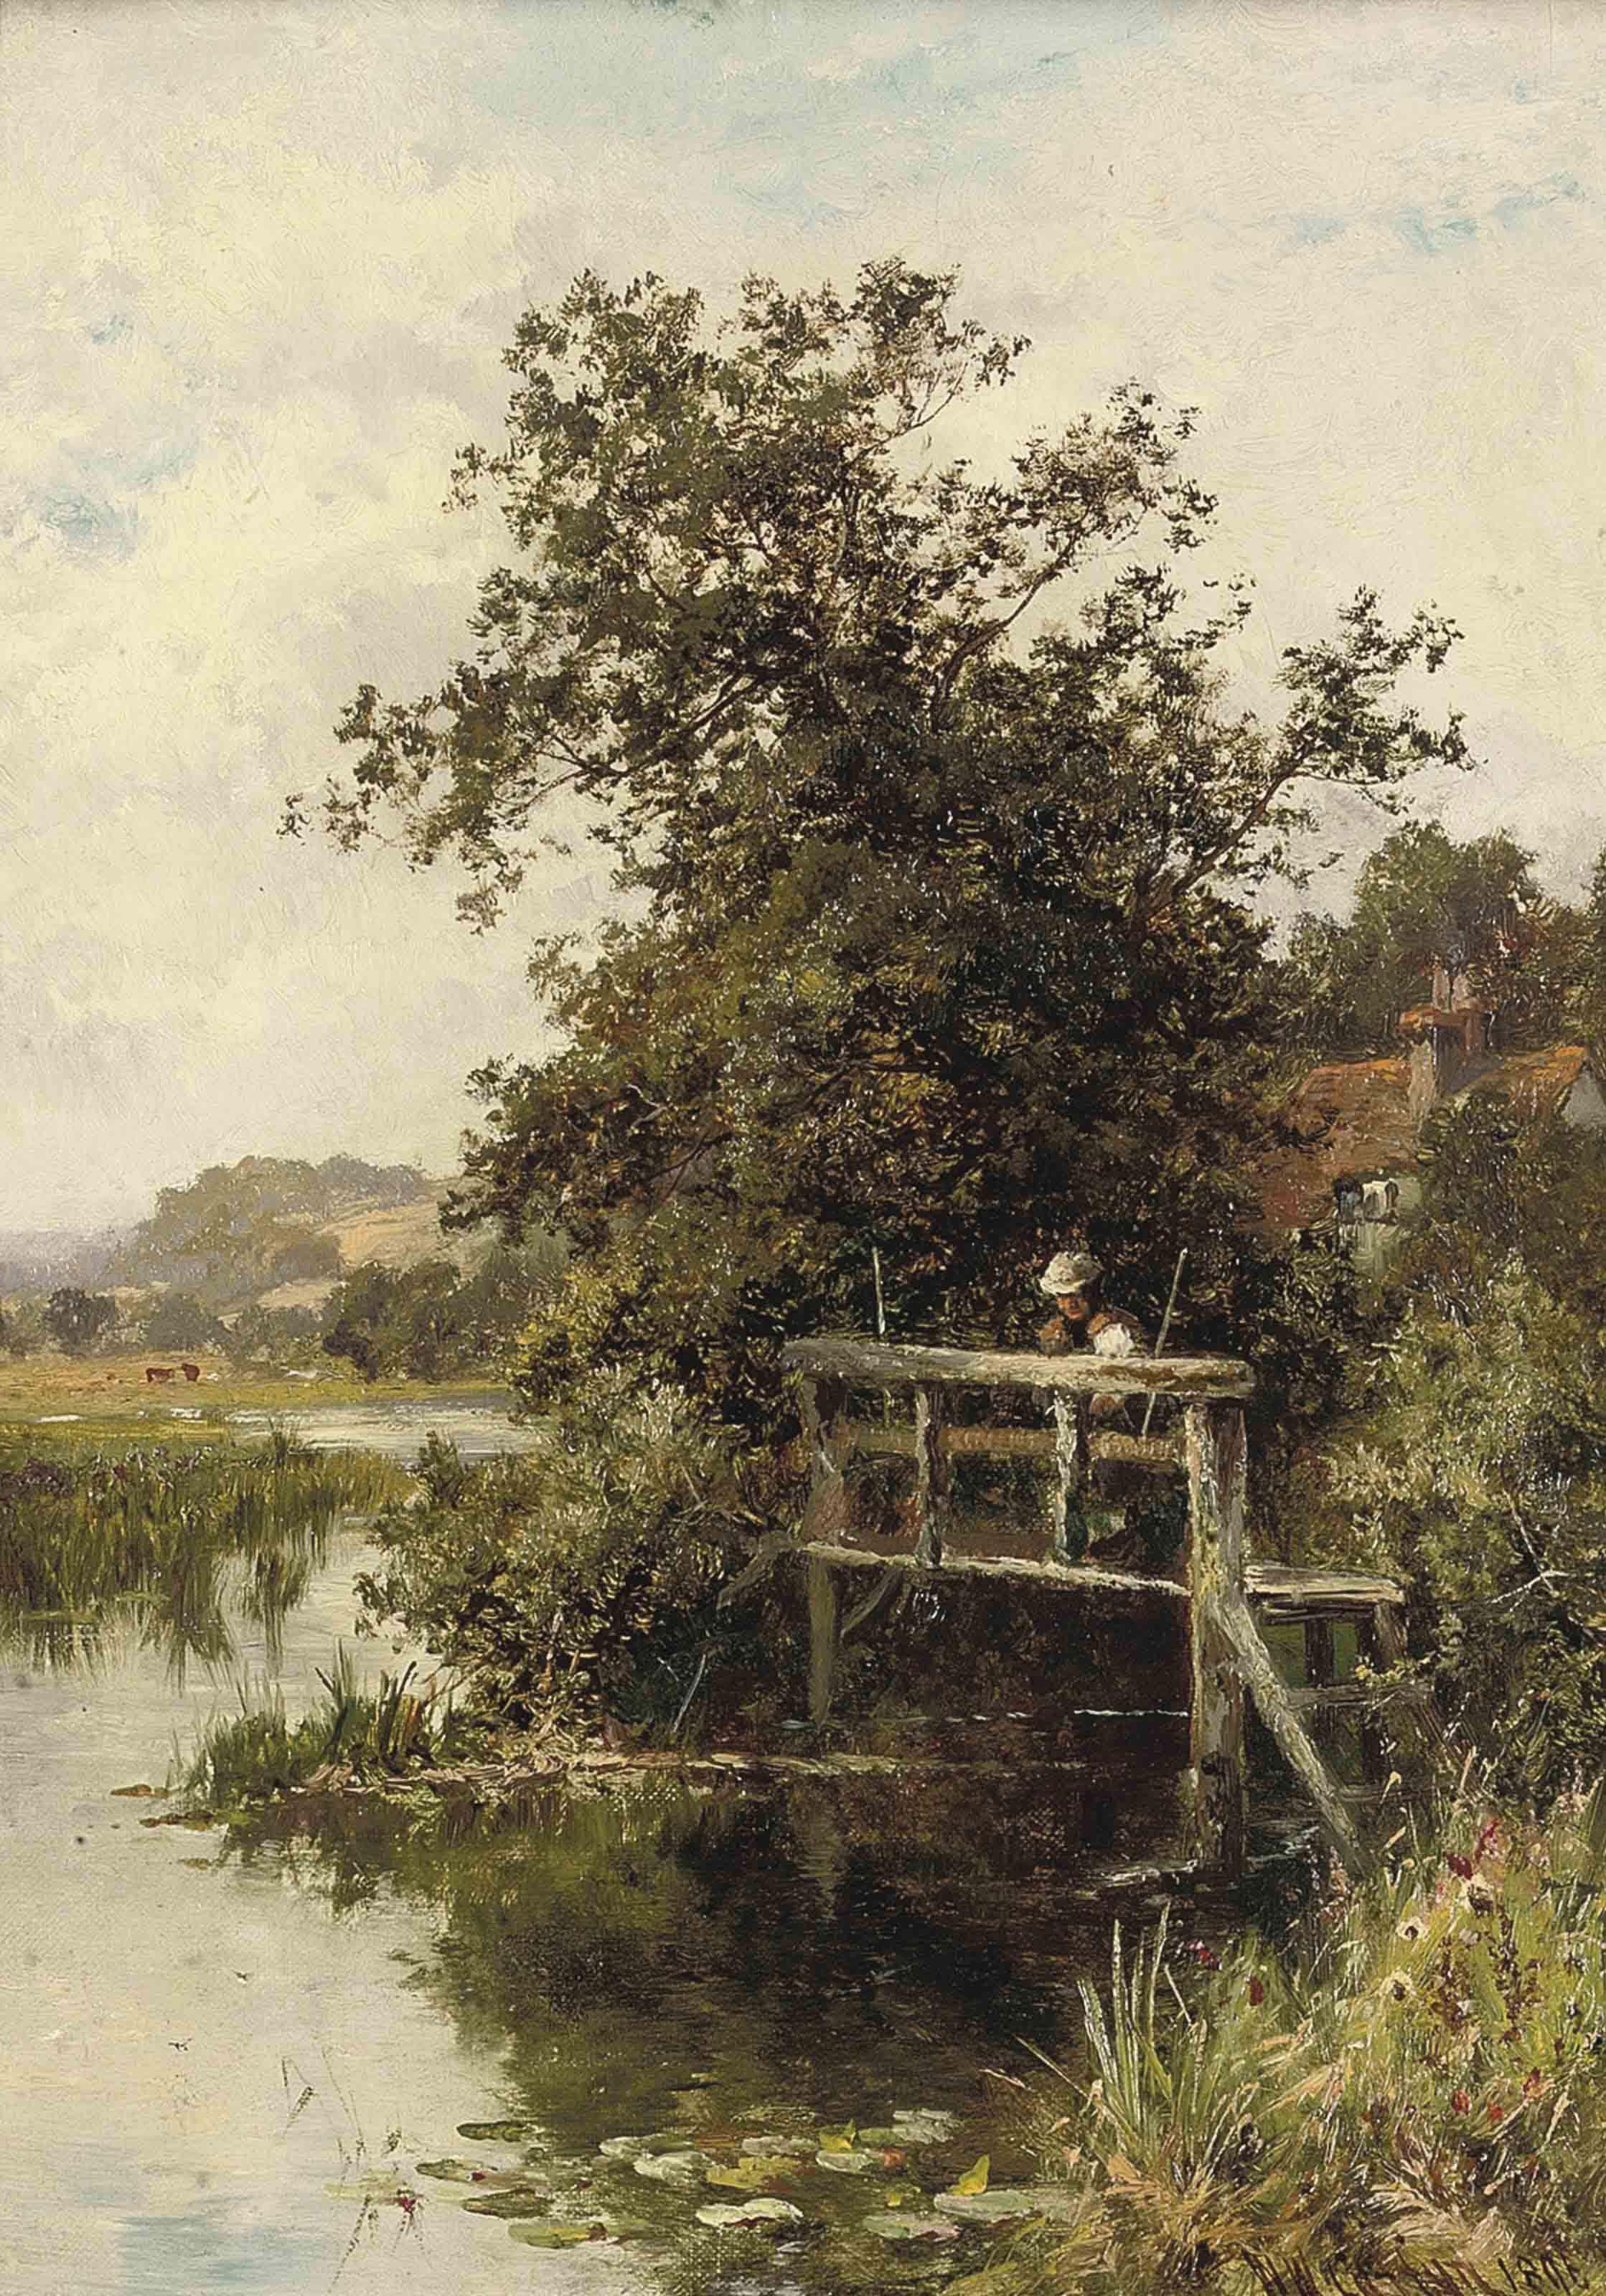 On the Thames near Streatley